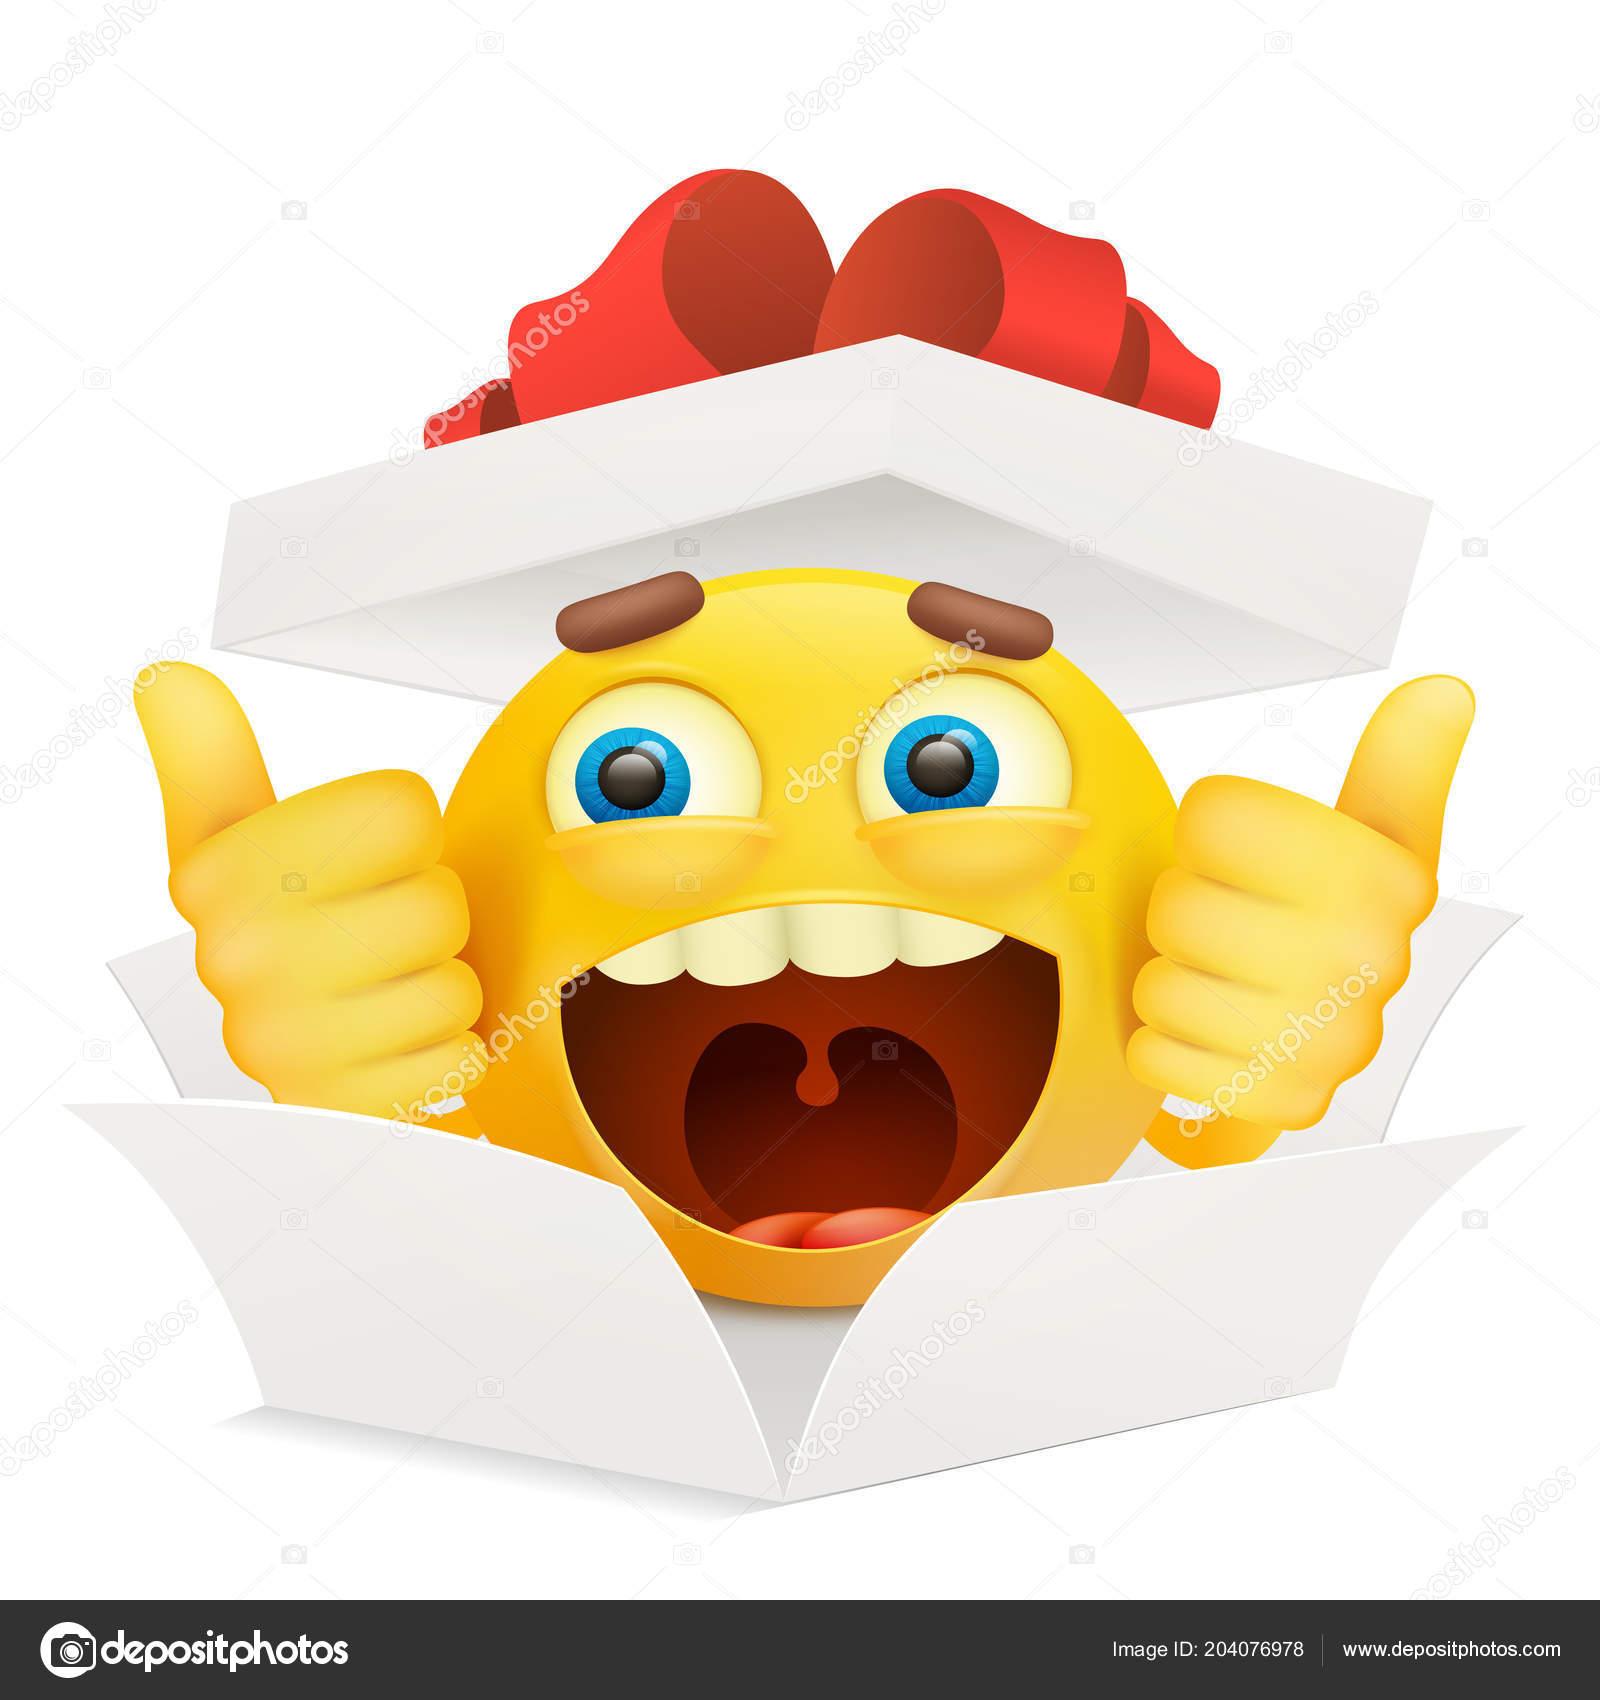 Livre Blanc Ouvert Boite Avec Personnage Smiley Emoticon